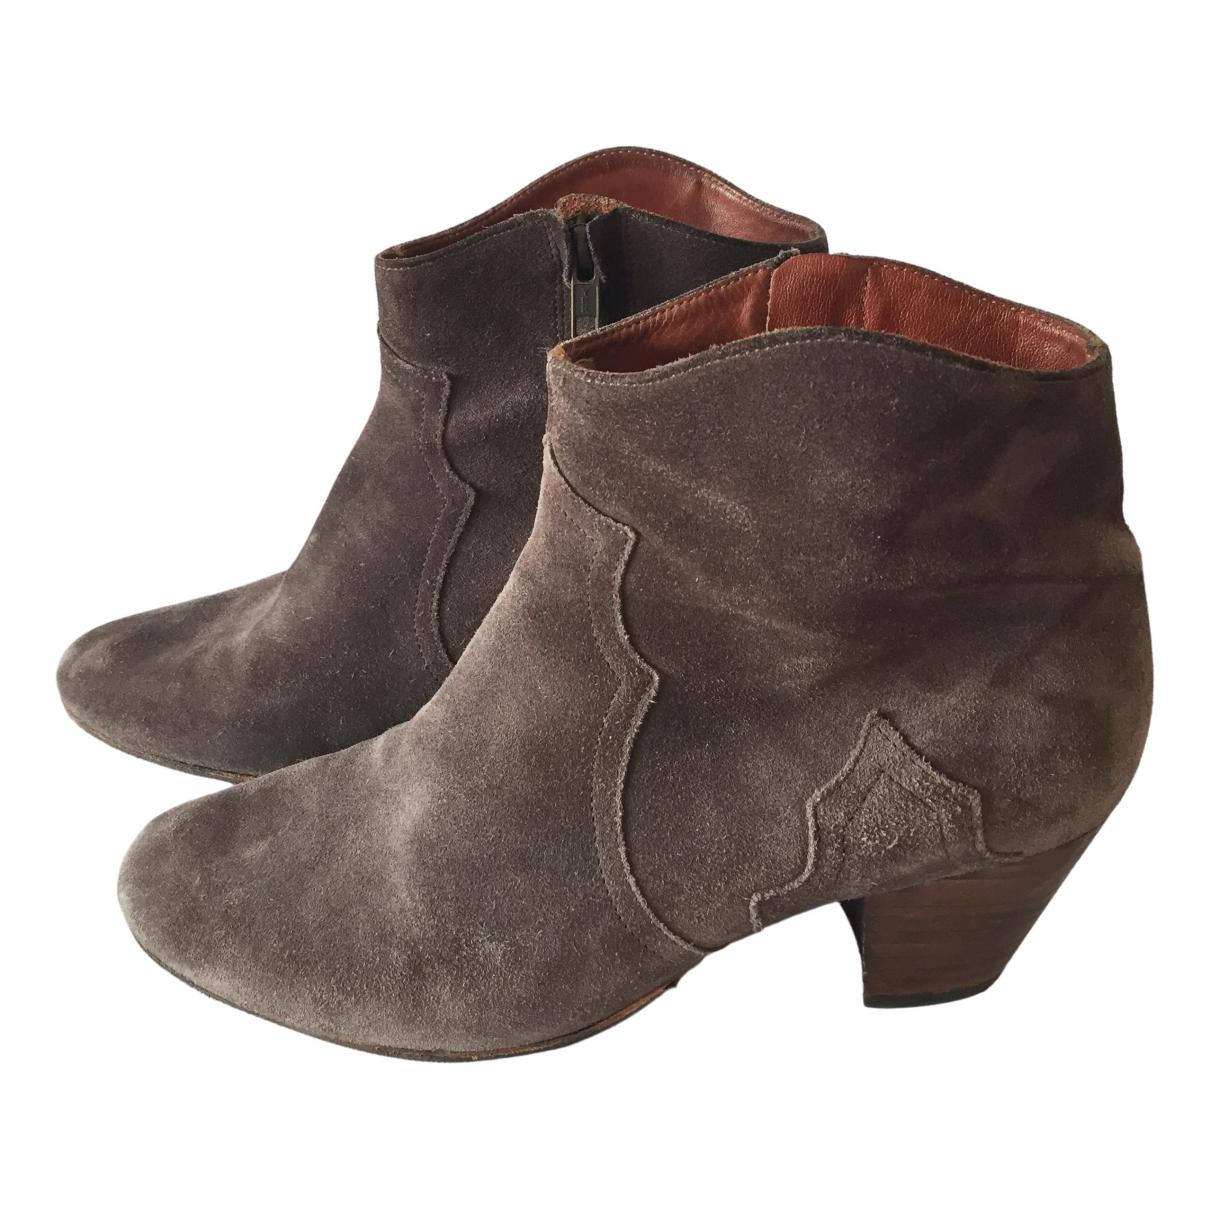 Isabel Marant - Boots Dicker pour femme en suede - marron